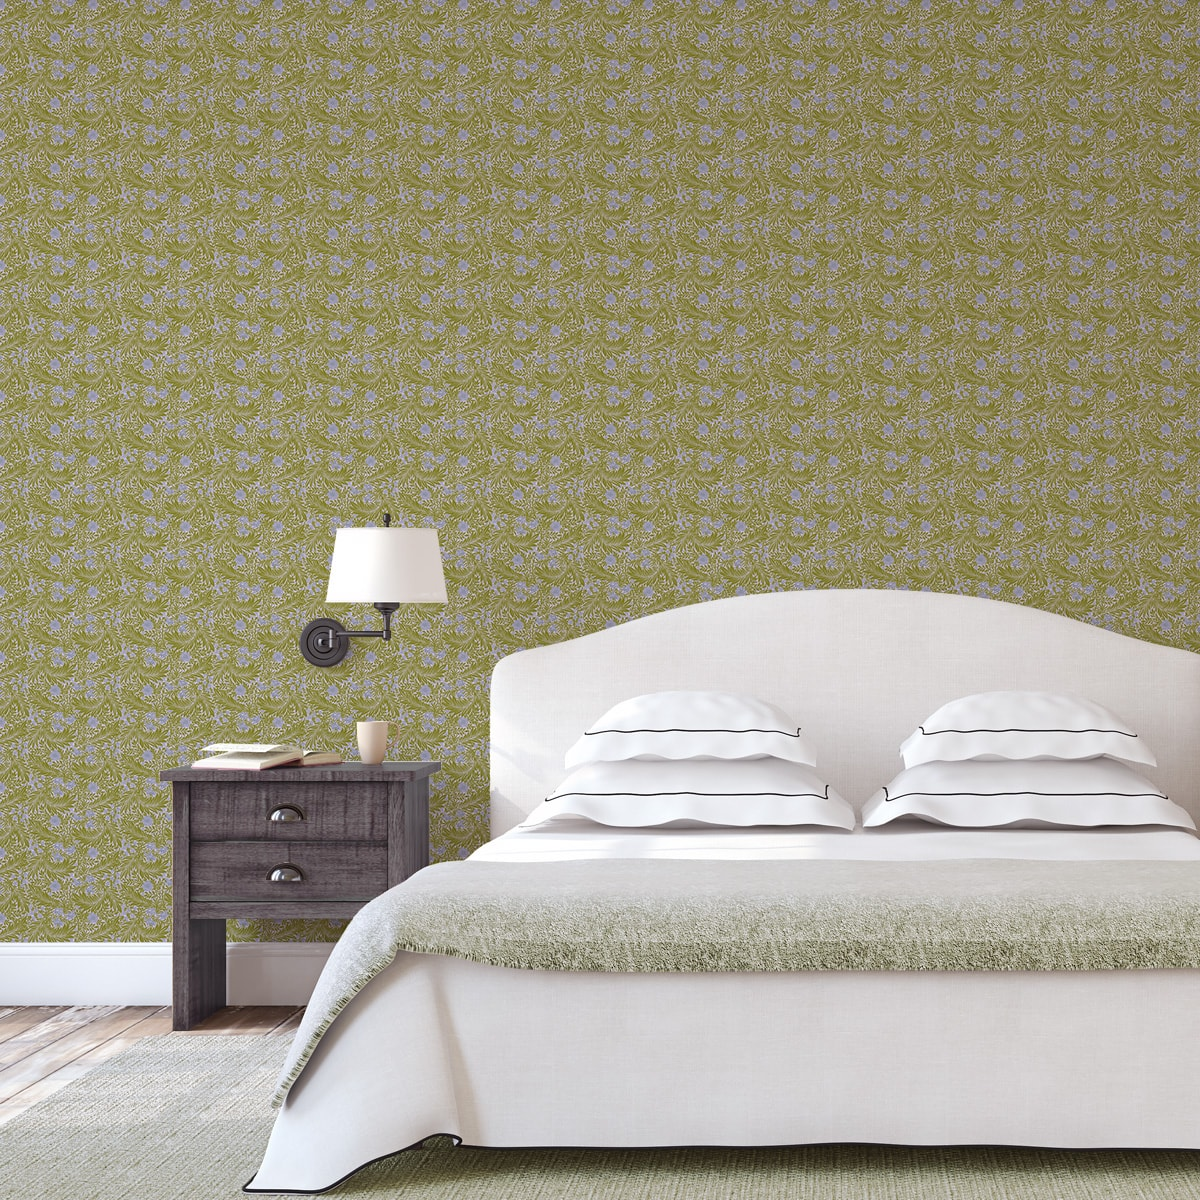 Schlafzimmer tapezieren in mittelblau: Retro Jugendstil Tapete